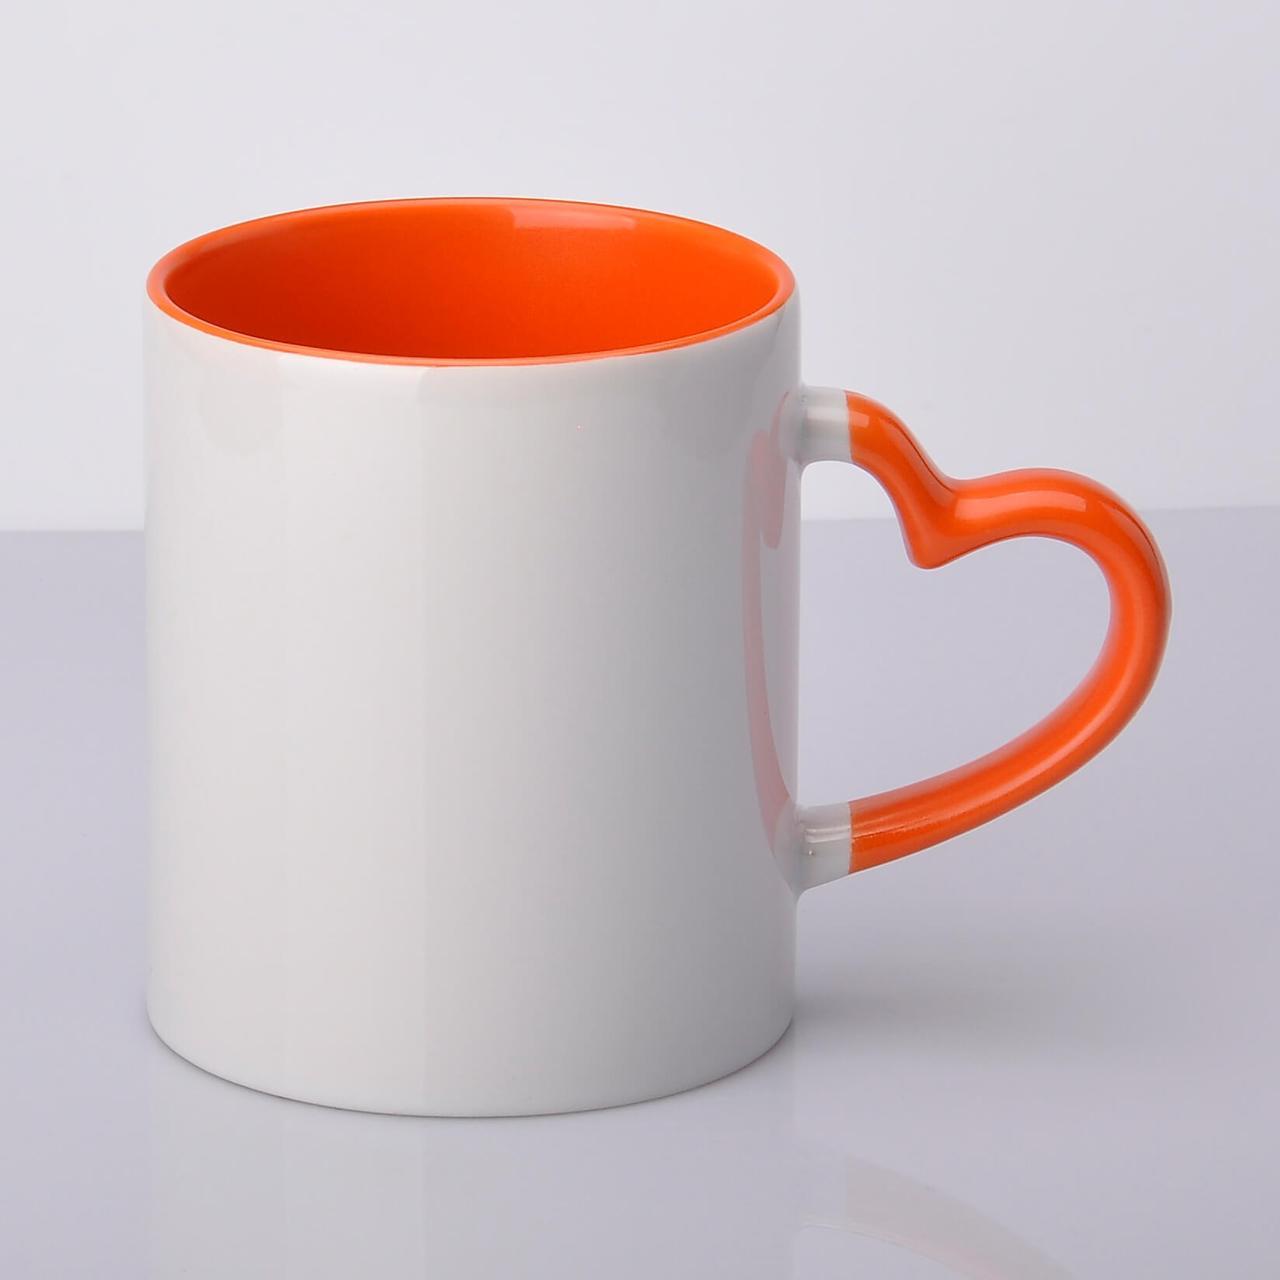 Кружка сублимационная цветная внутри и ручка Love (оранжевый)